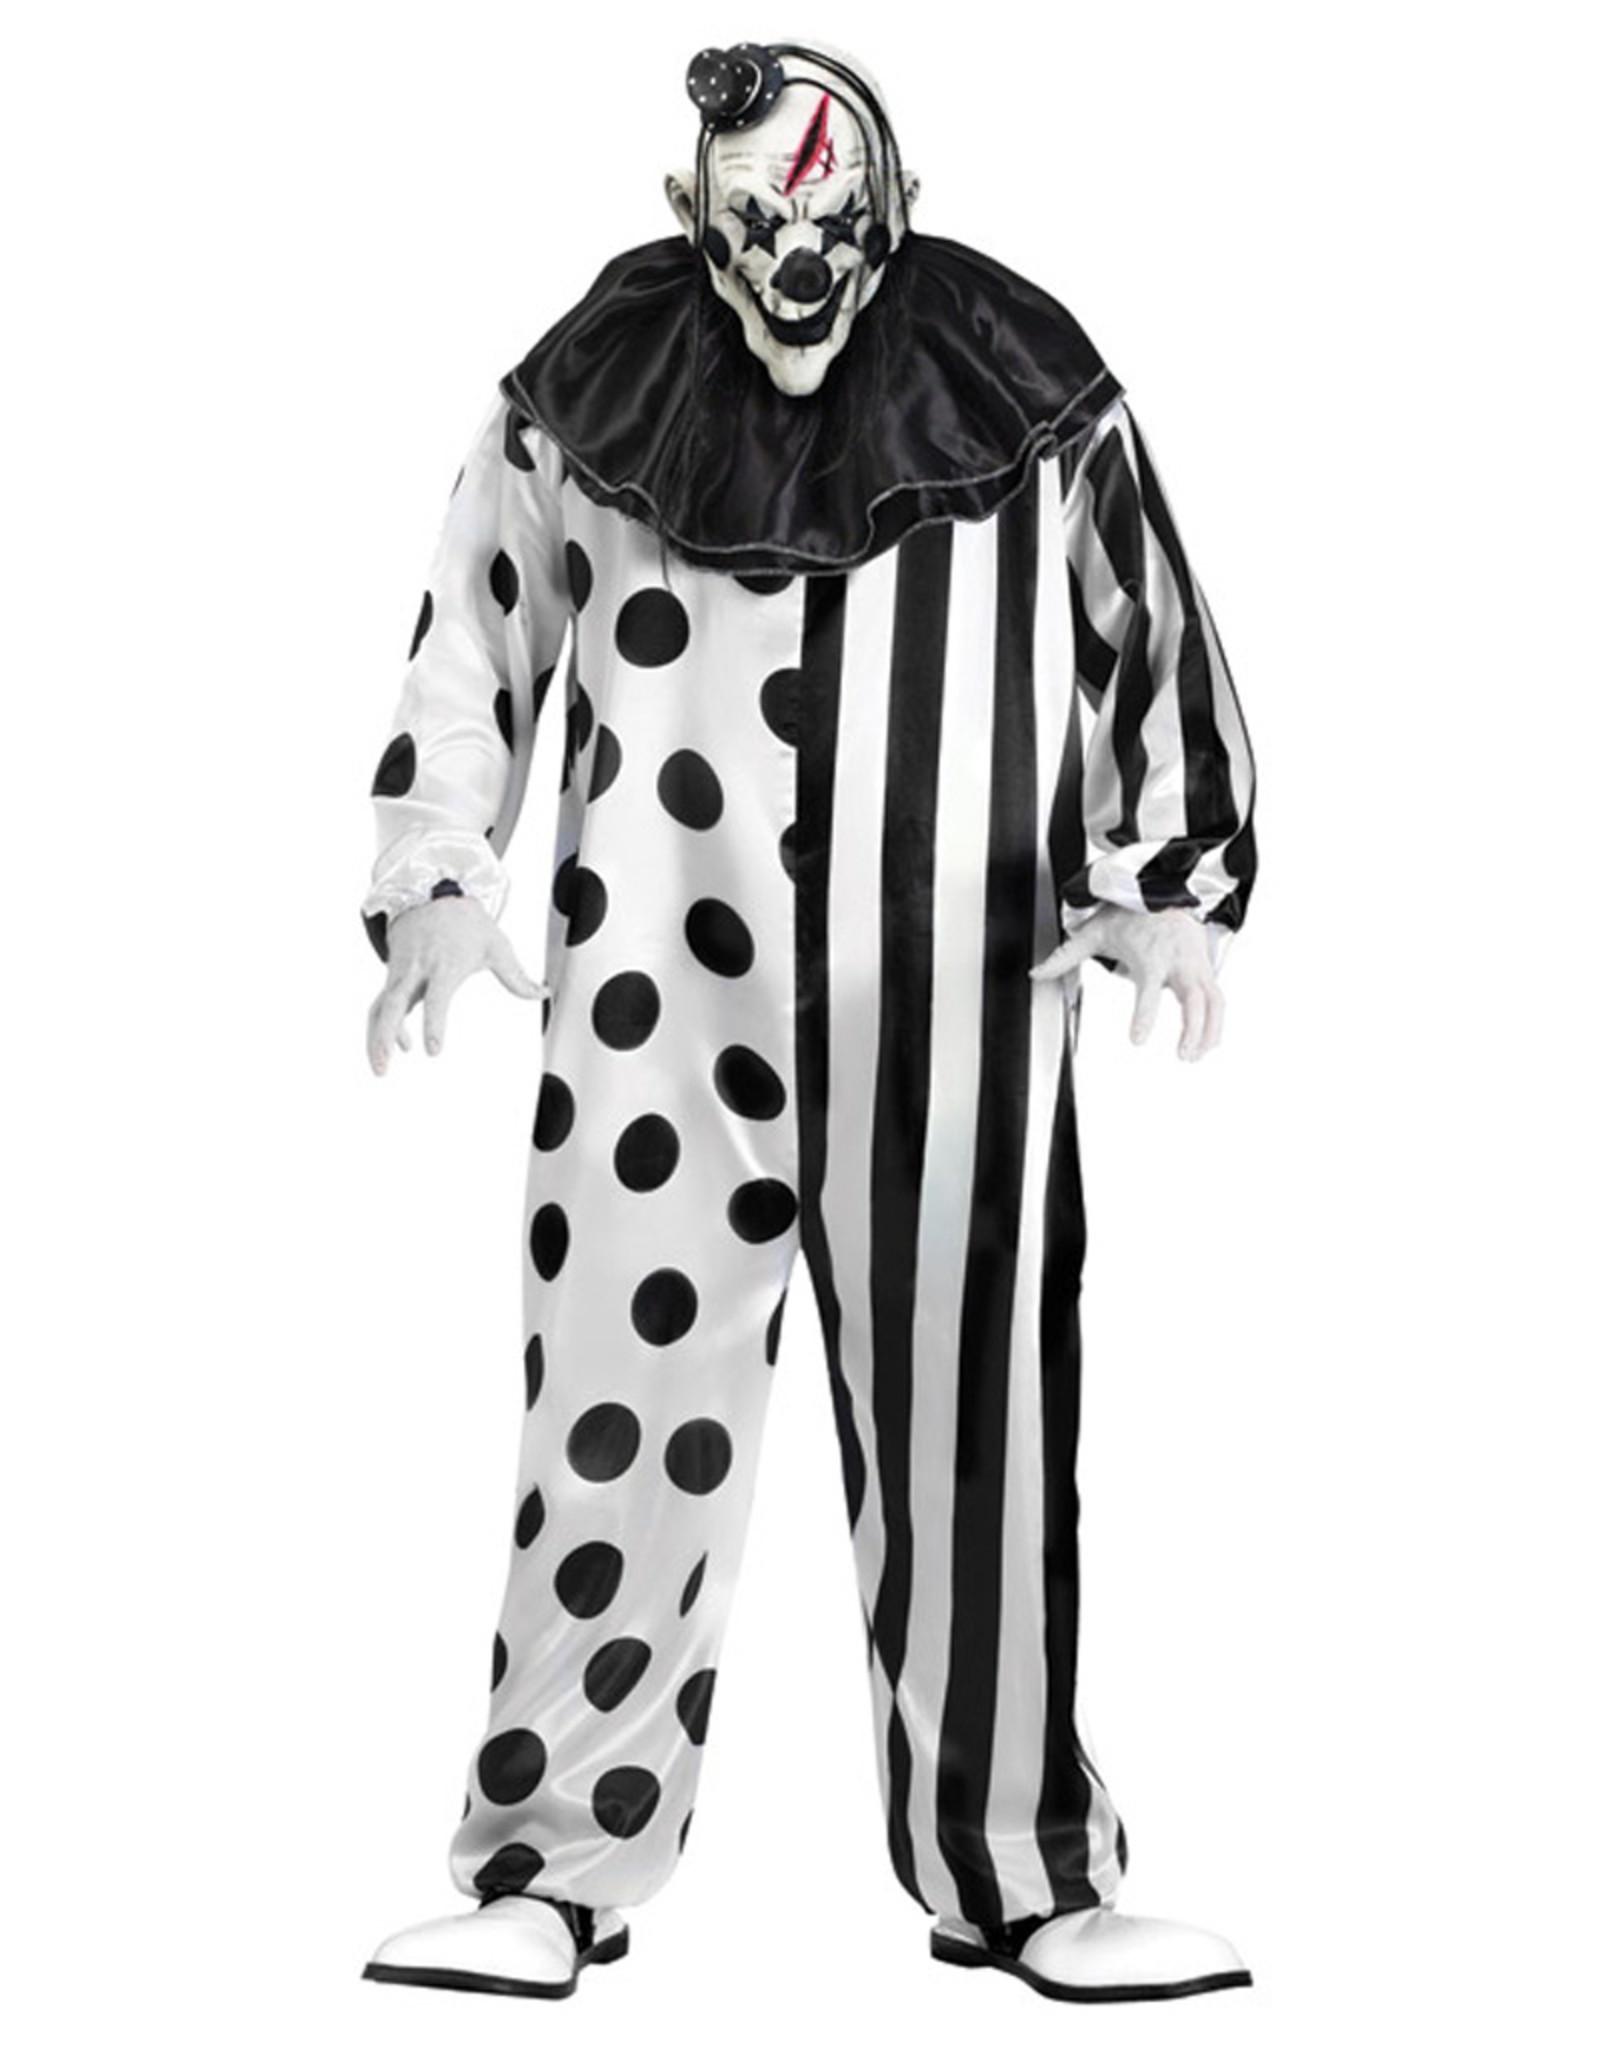 Killer Clown Costume - Men's